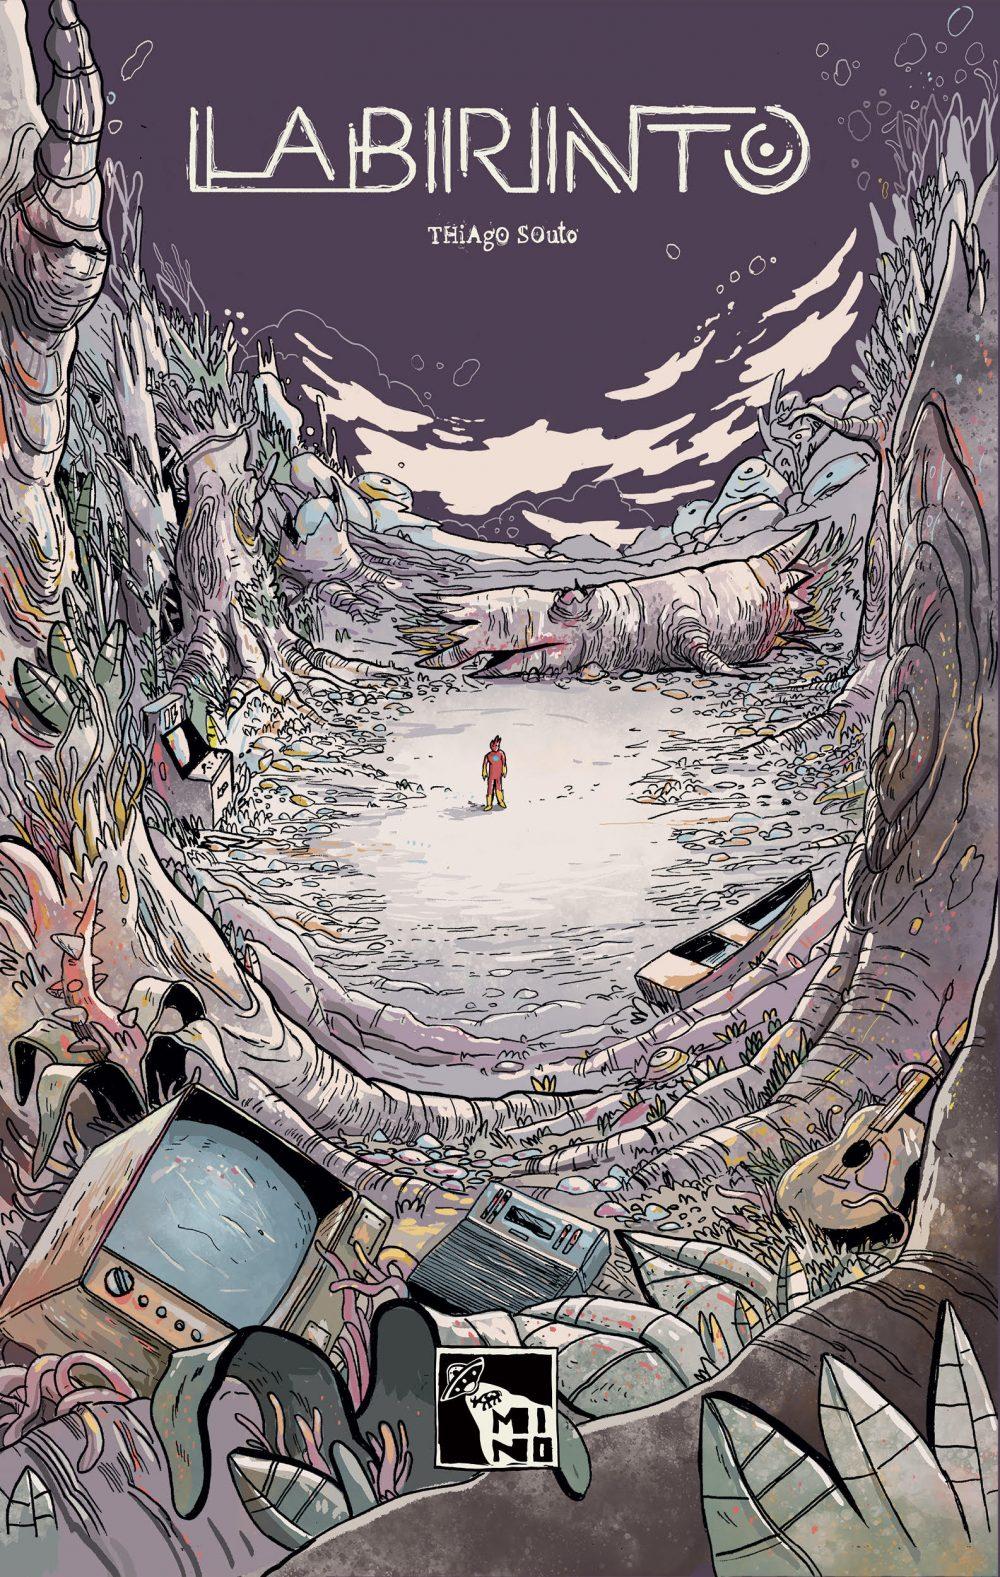 A capa de Labirinto, o novo álbum do quadrinista Thiago Souto